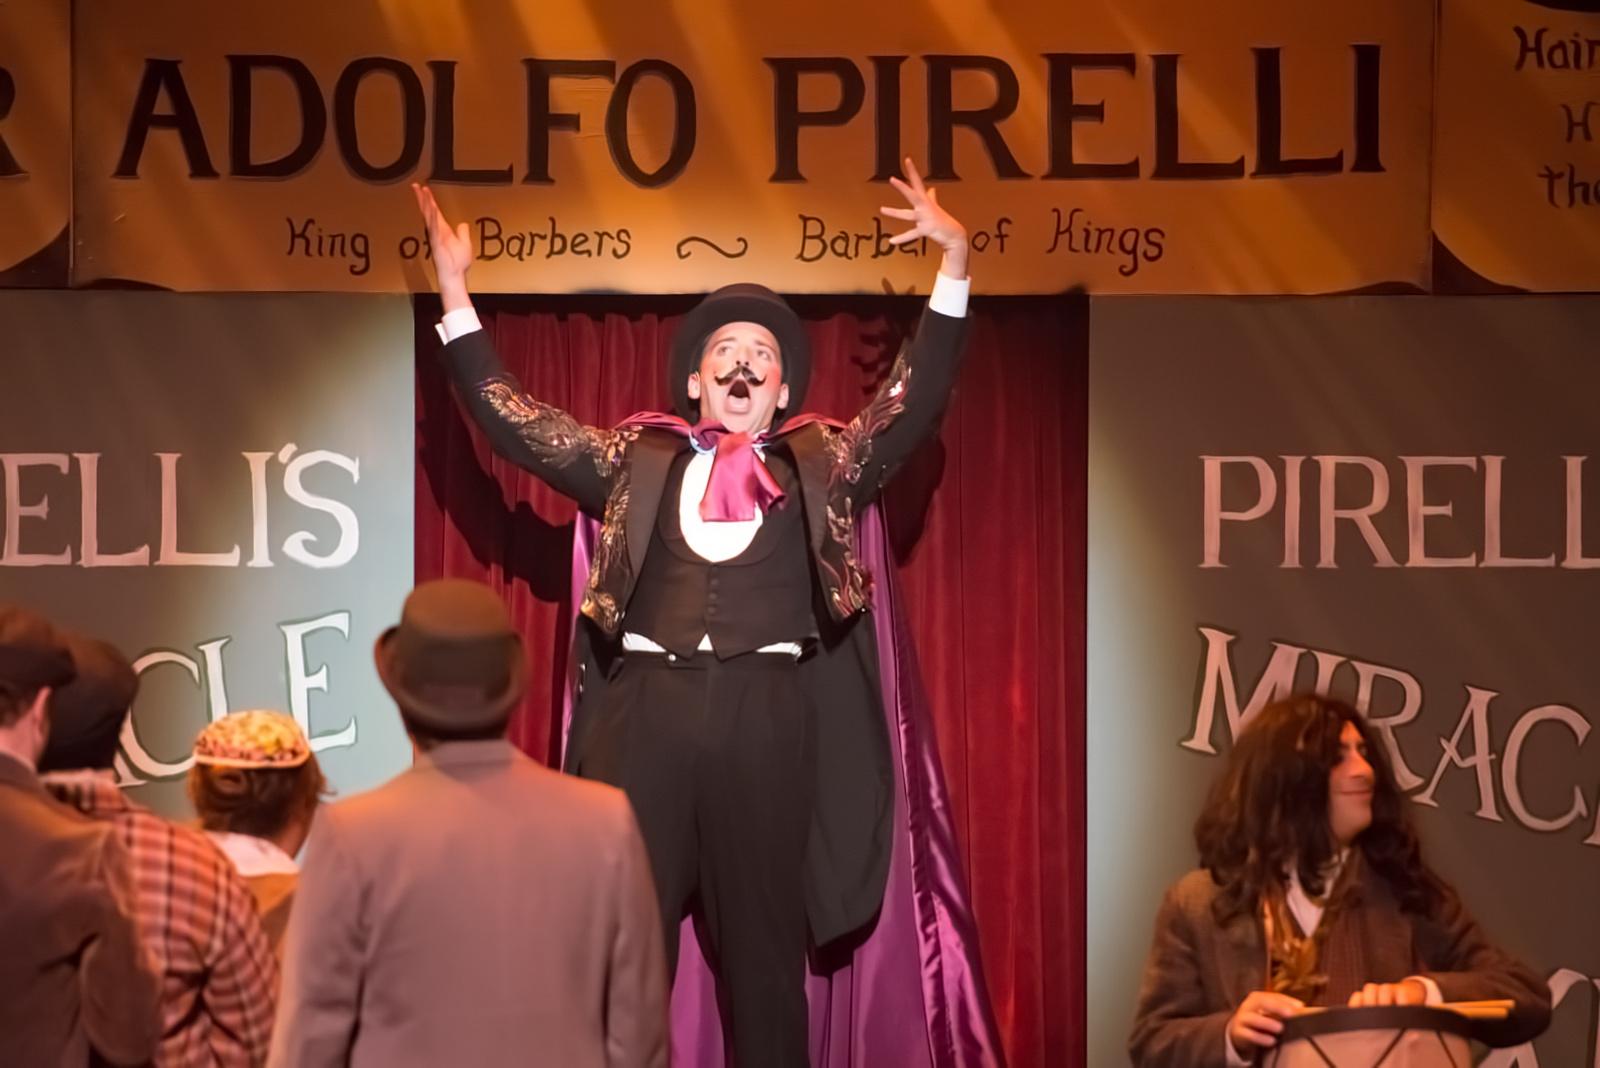 Pirelli in Sweeney Todd